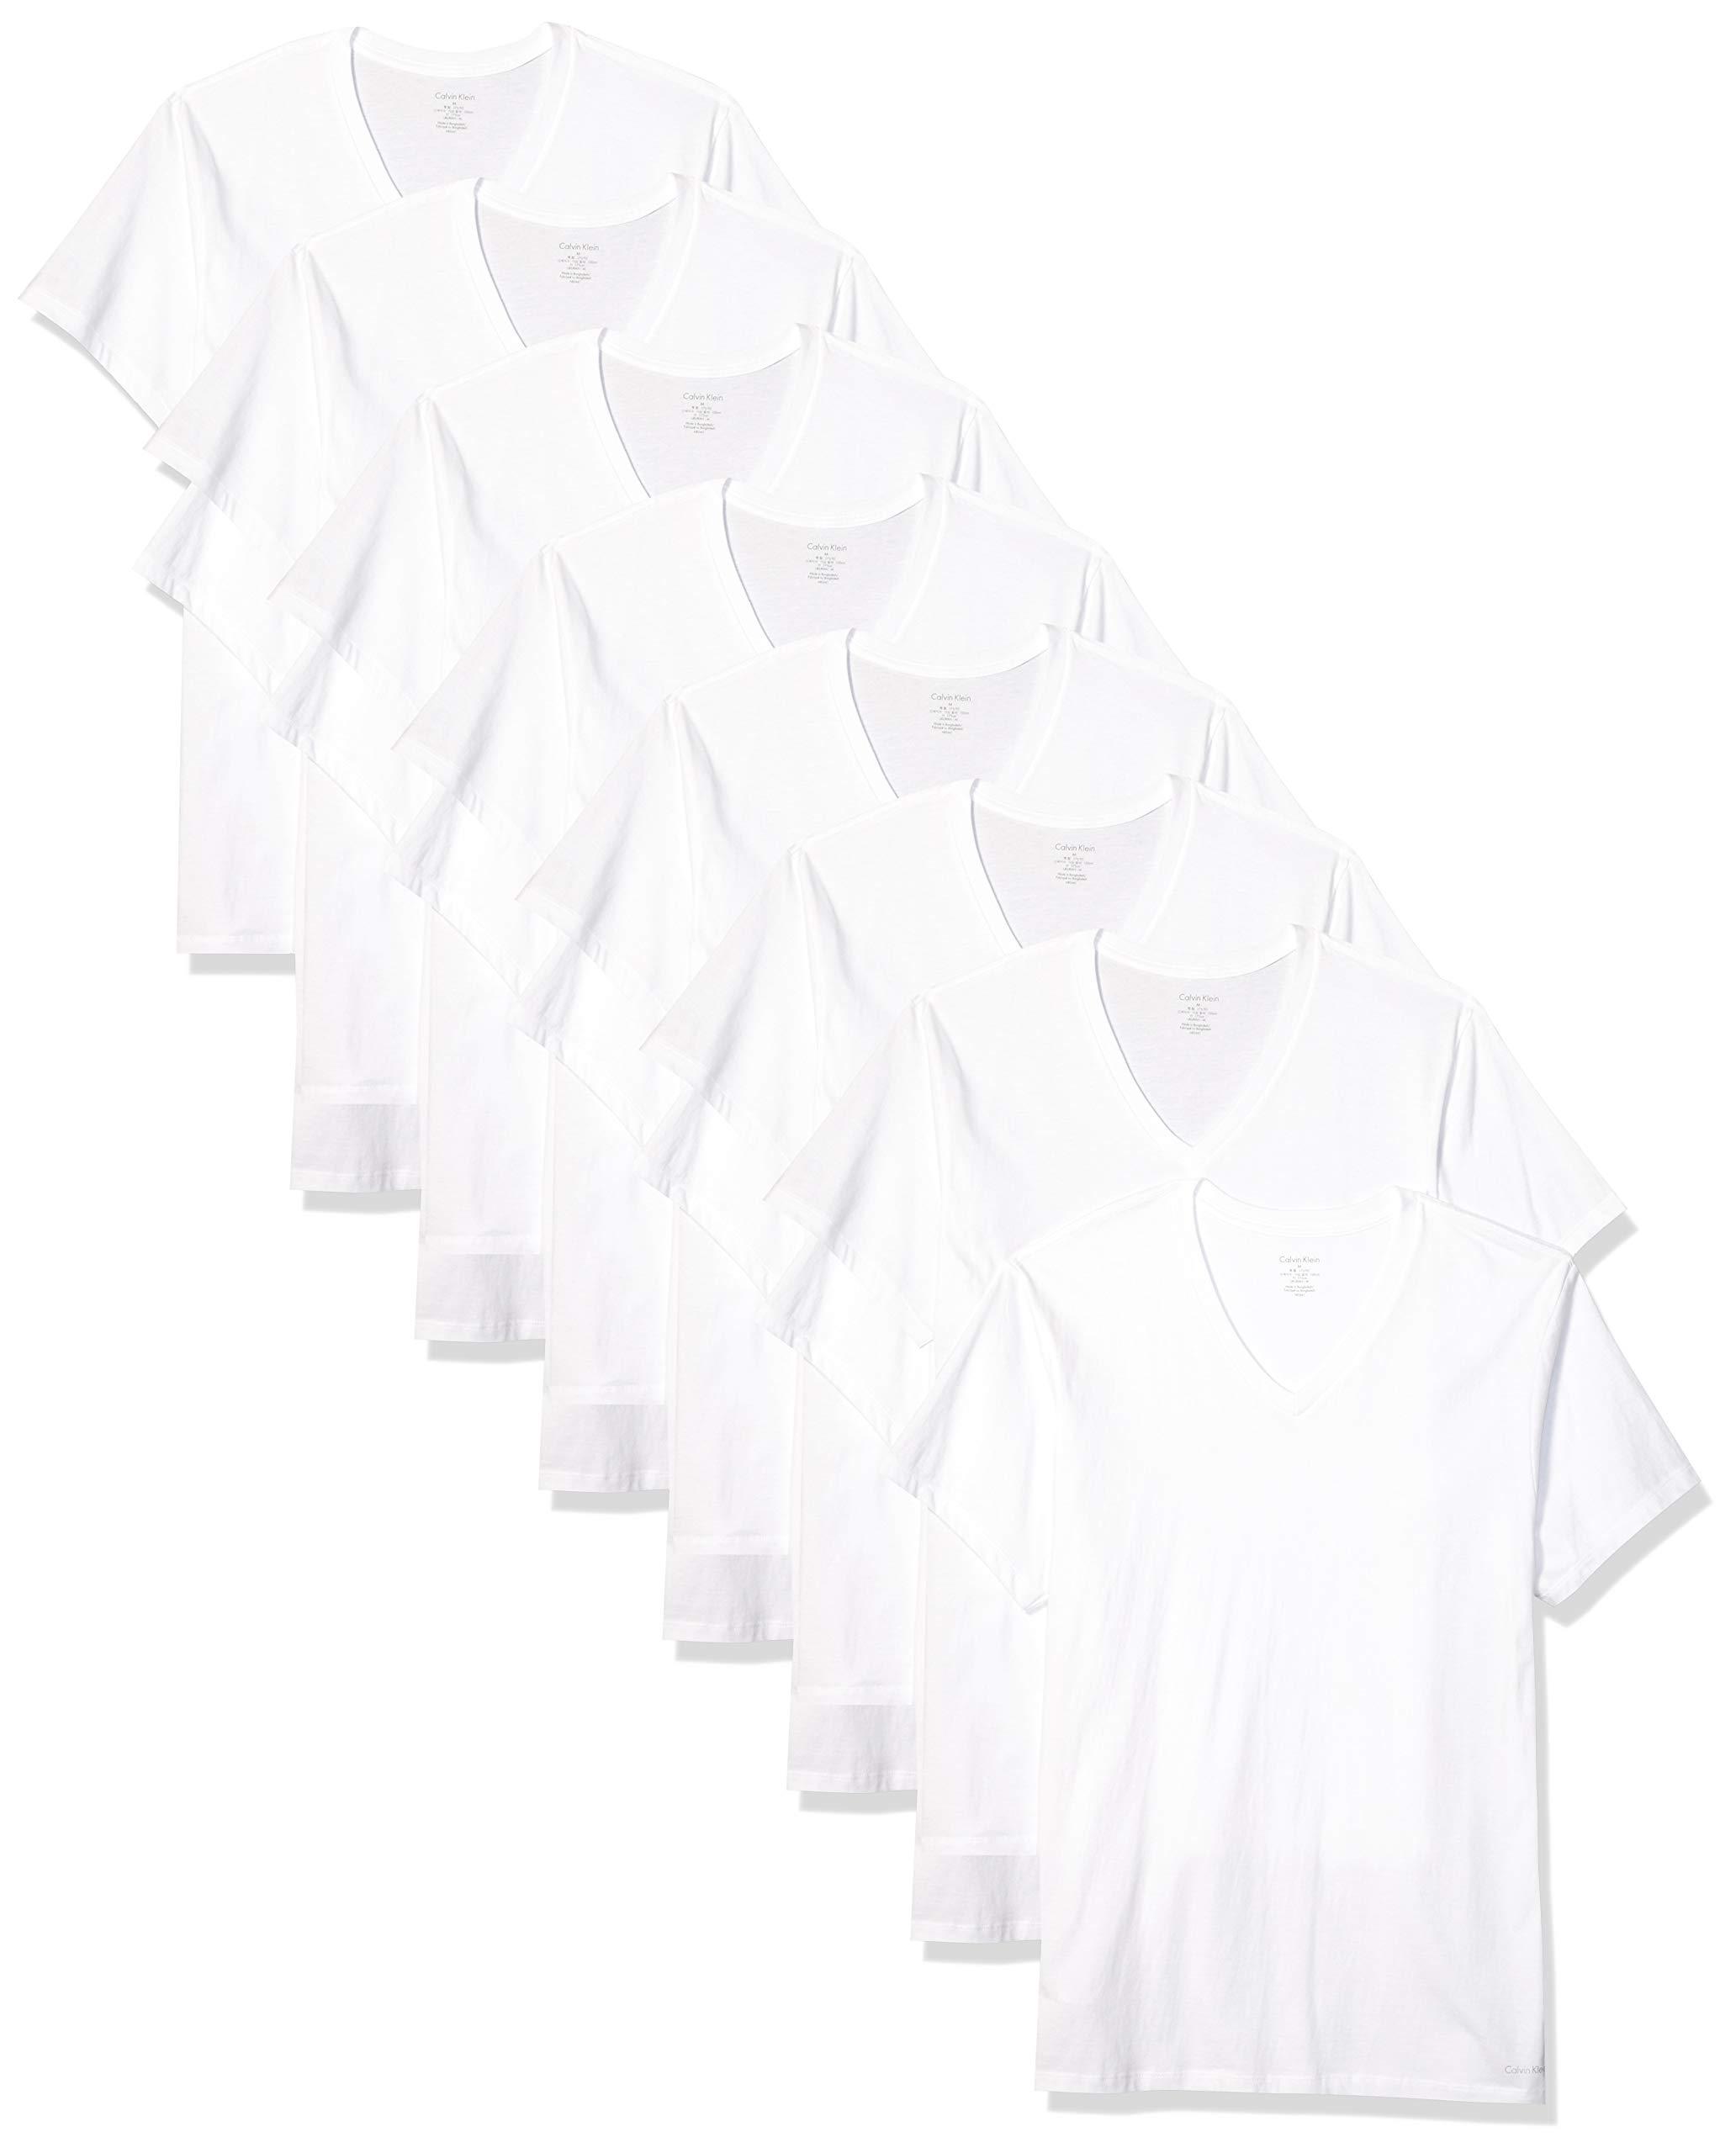 Calvin Klein Men's Cotton Classics Multipack V Neck T-Shirts, White, L